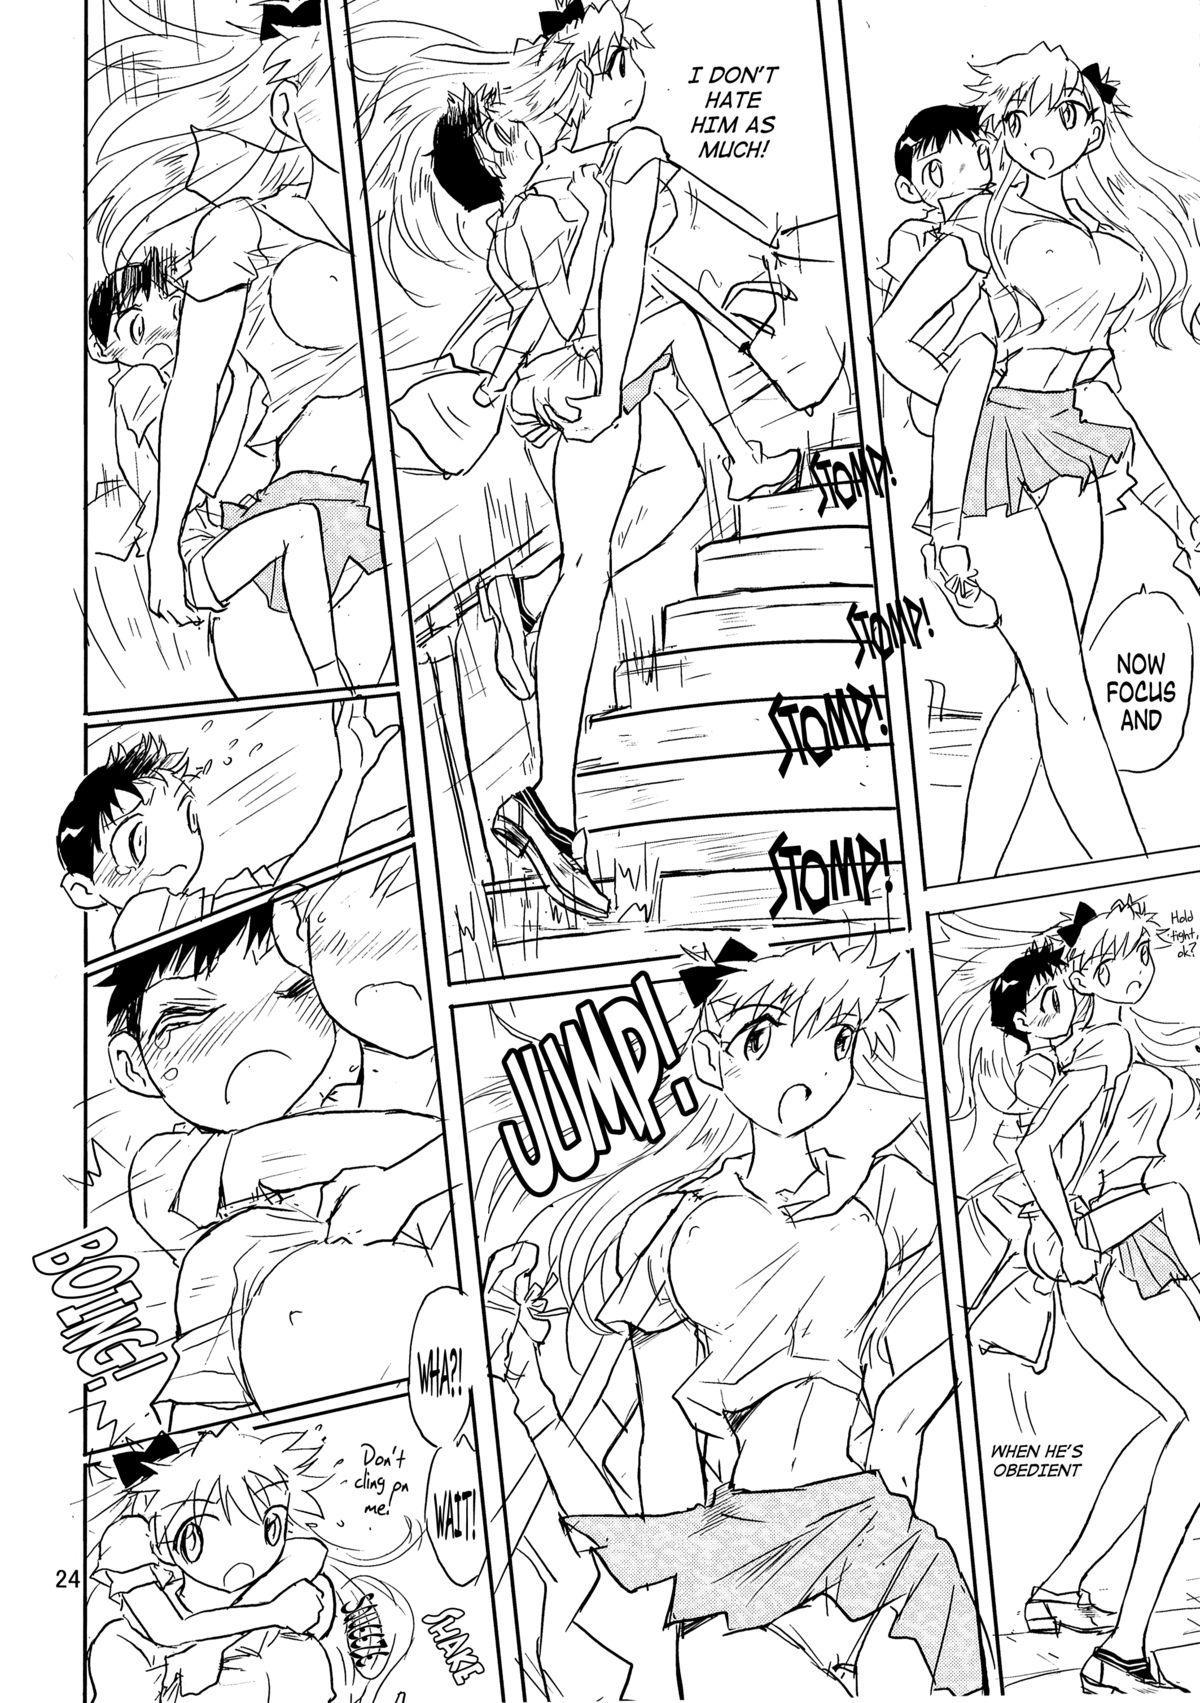 (C72) [Ito Ichizo Shouten (Ito Ichizo)] Otoko no Tatakai 10 -Onnanoko wa Natsu no Kemono-   Otoko no Tatakai 10 -The Girl, a Summer Beast- (Neon Genesis Evangelion) [English] [Maipantsu] 23